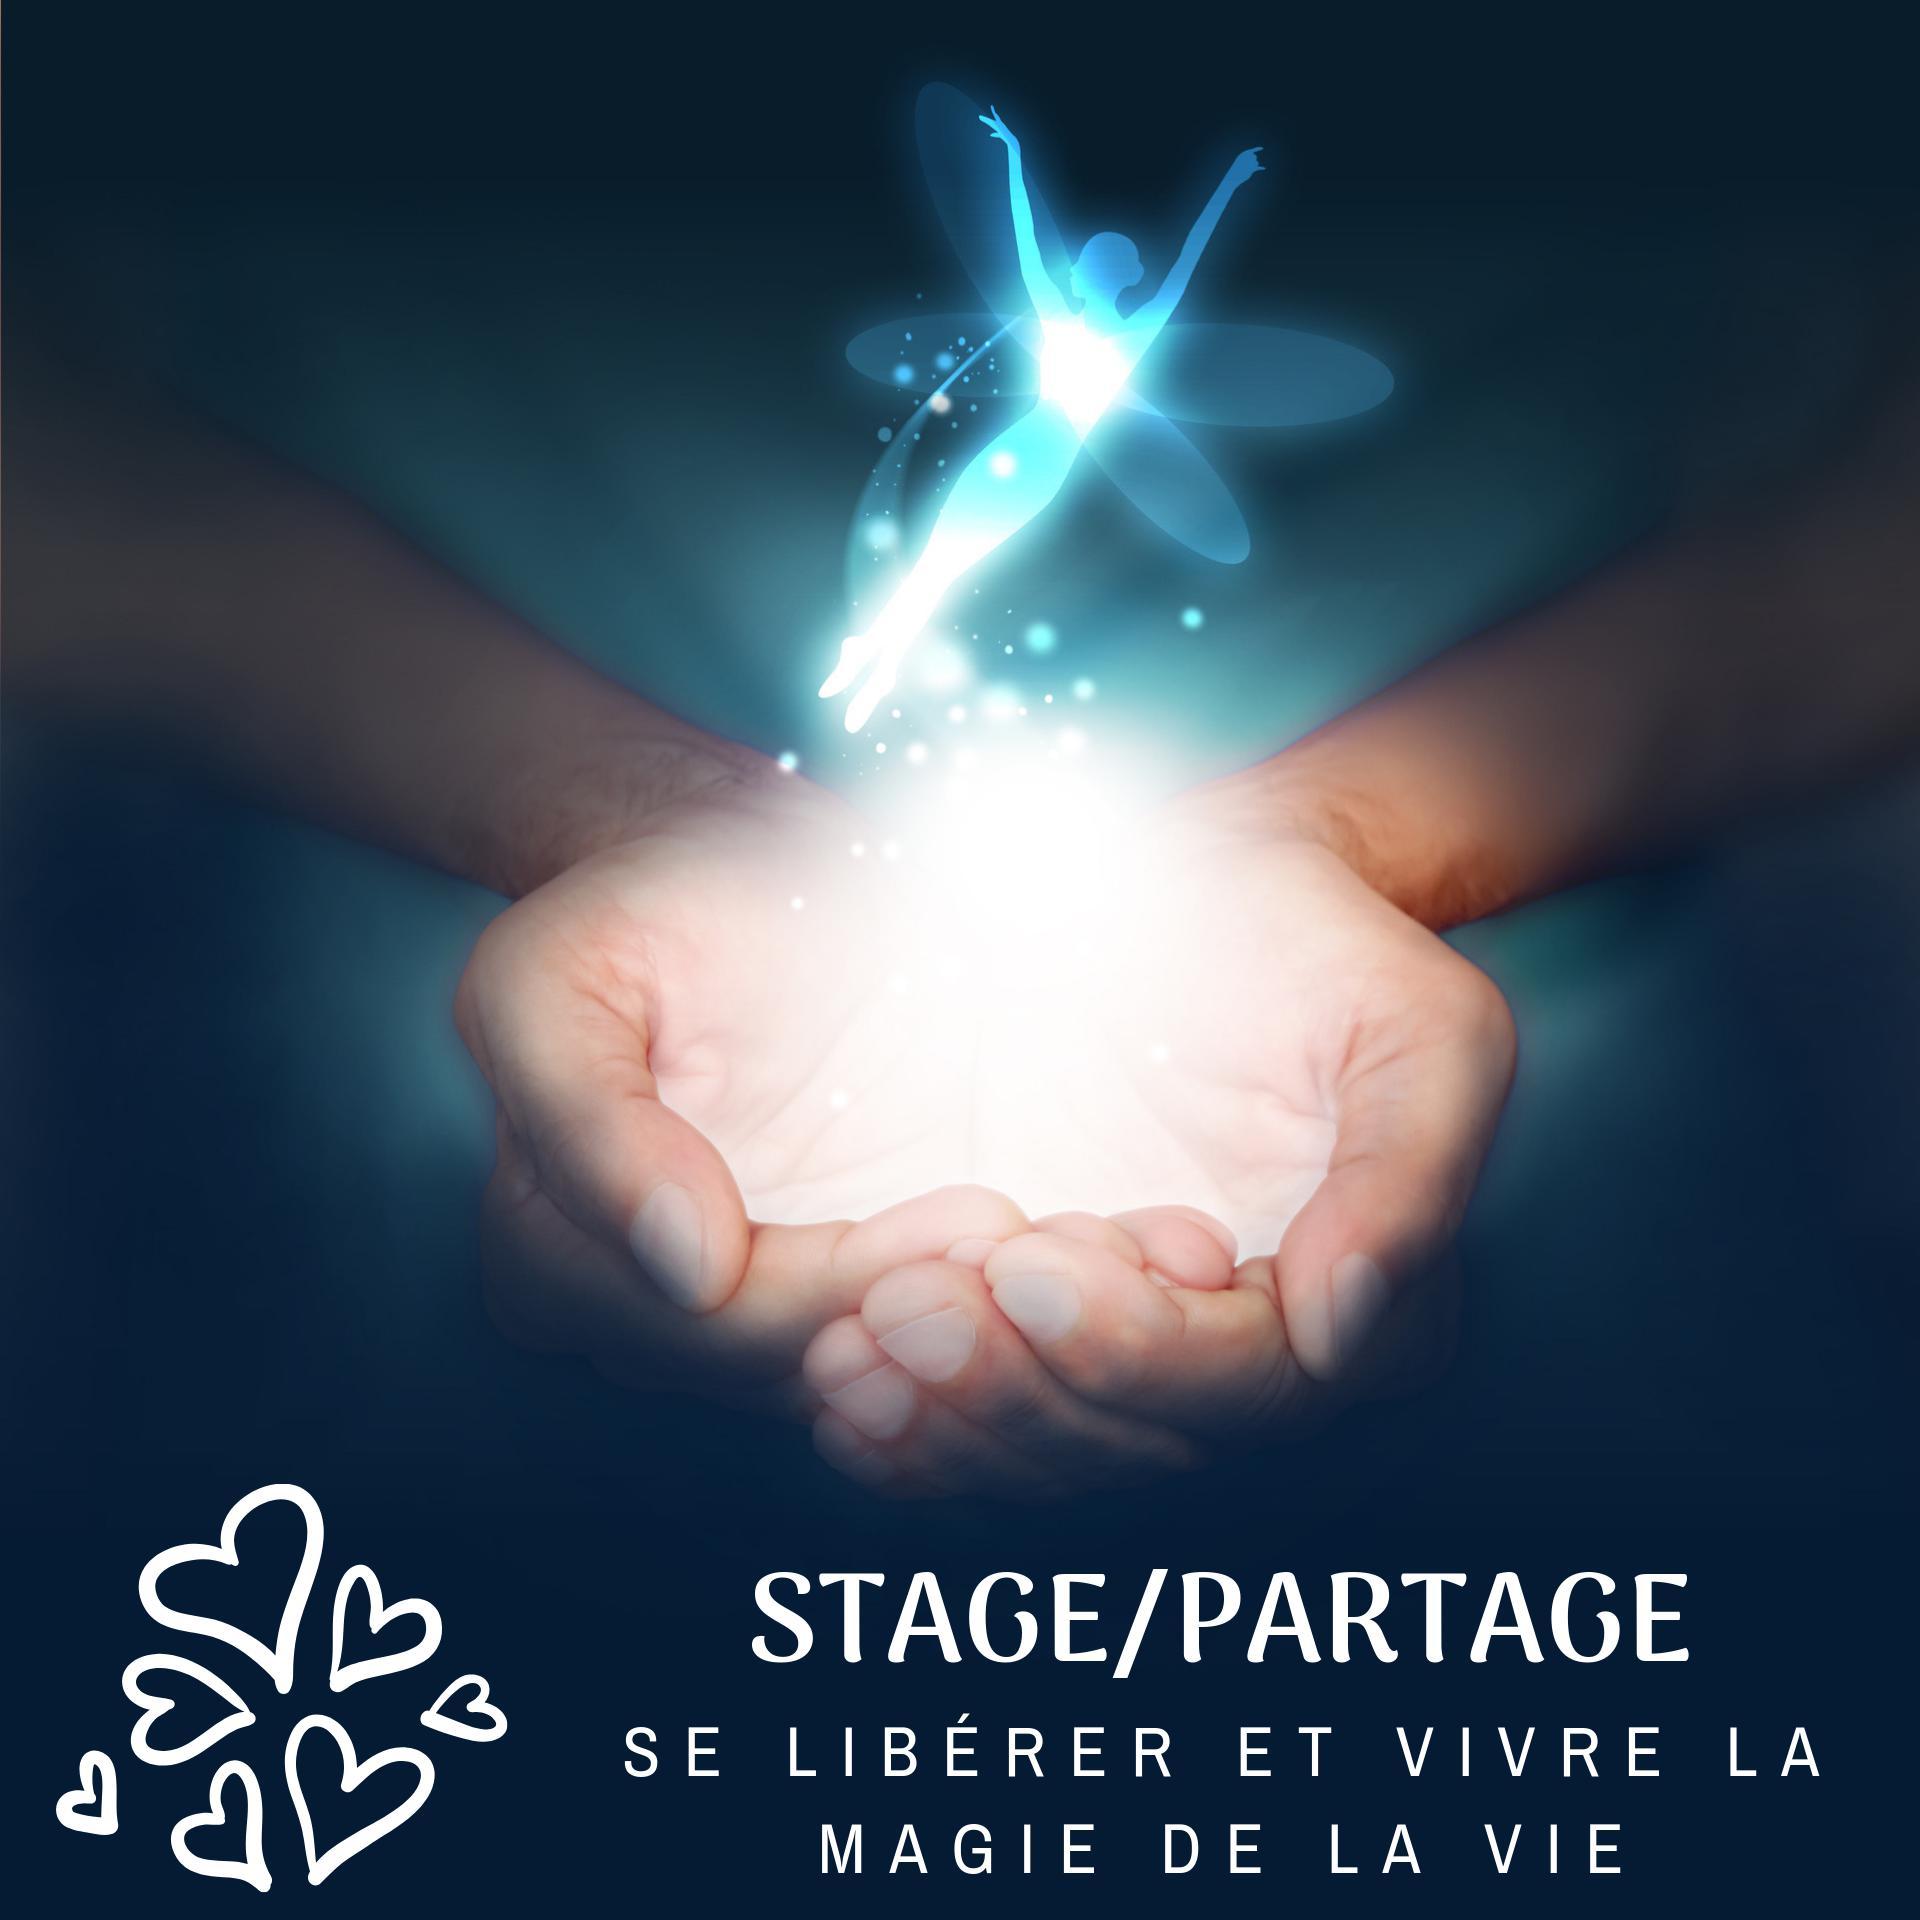 Stages/Partages «Se libérer et vivre la magie de la Vie» près de chez vous ?